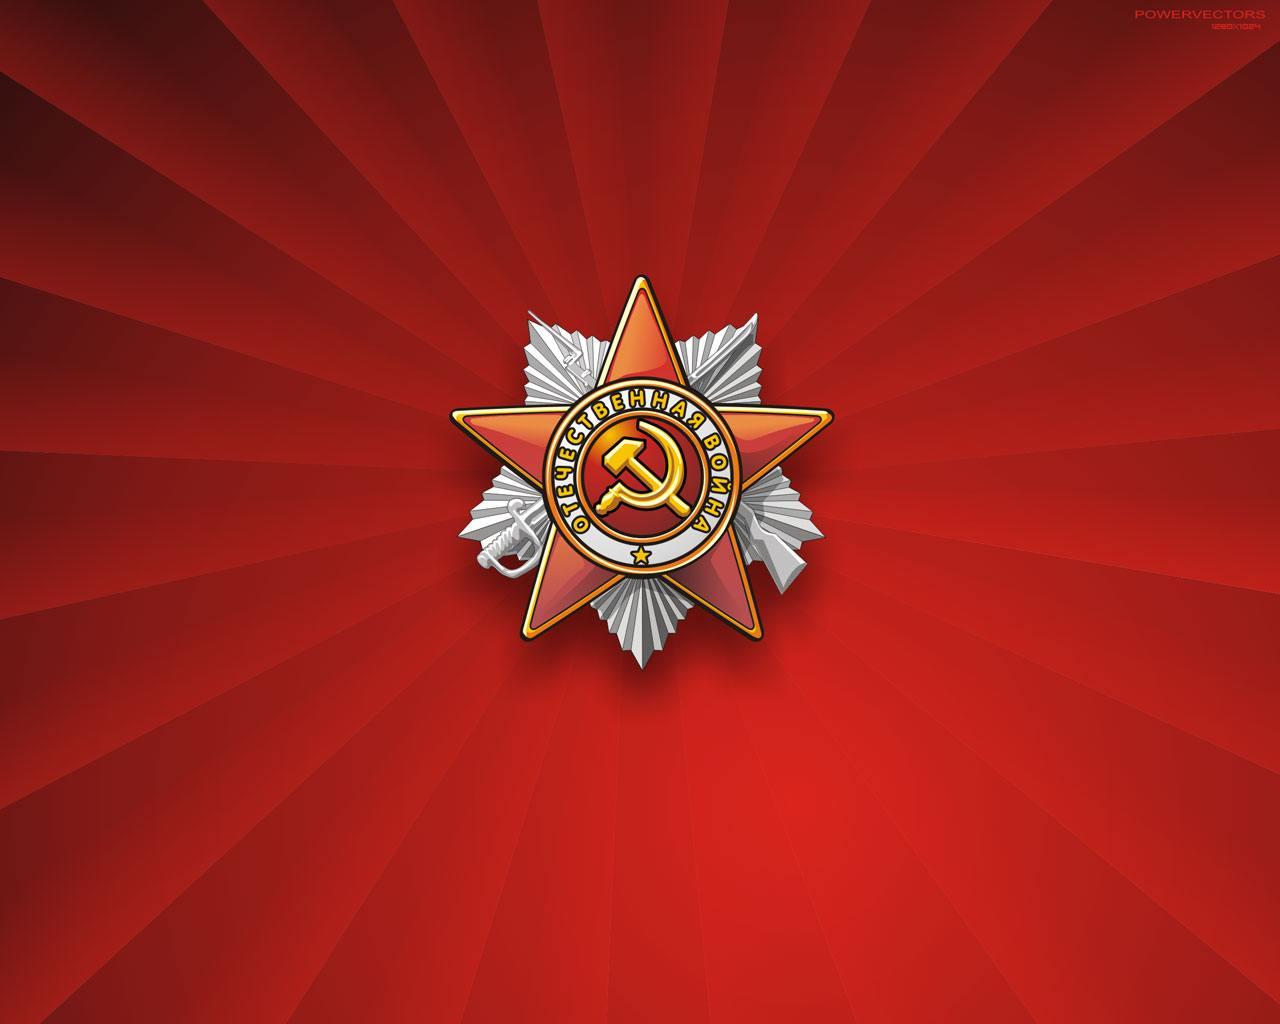 소련의 유인 달 탐사 계획-1 시작